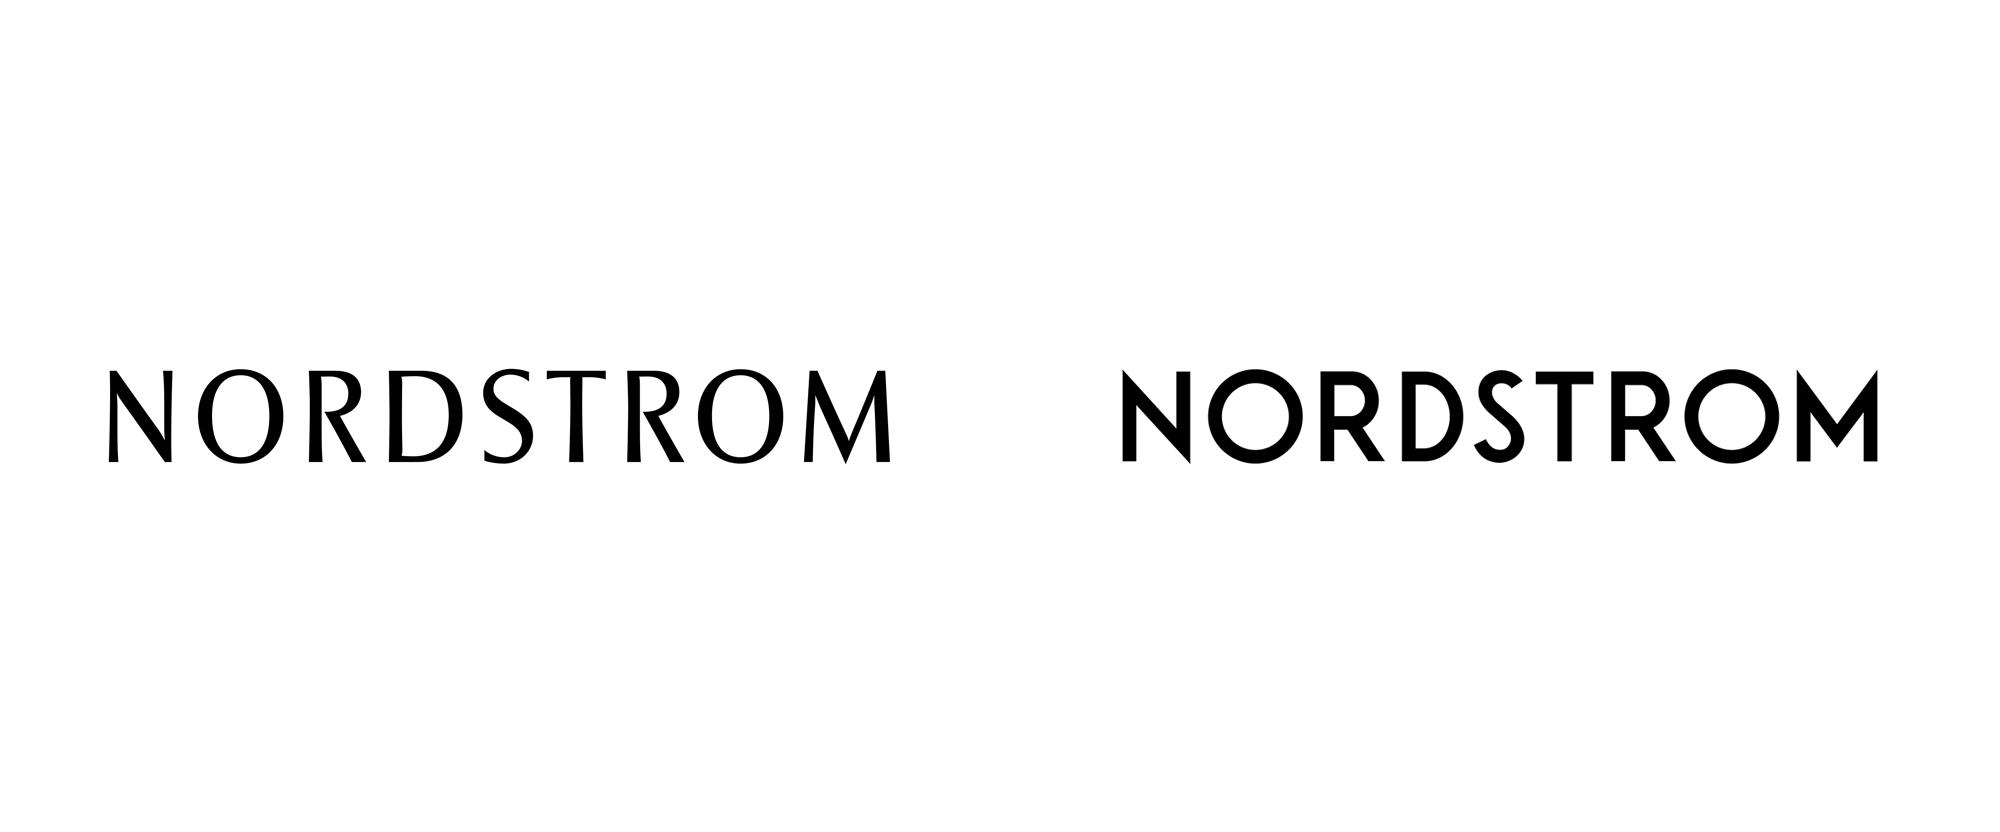 时尚零售商诺德斯特龙公司logo设计